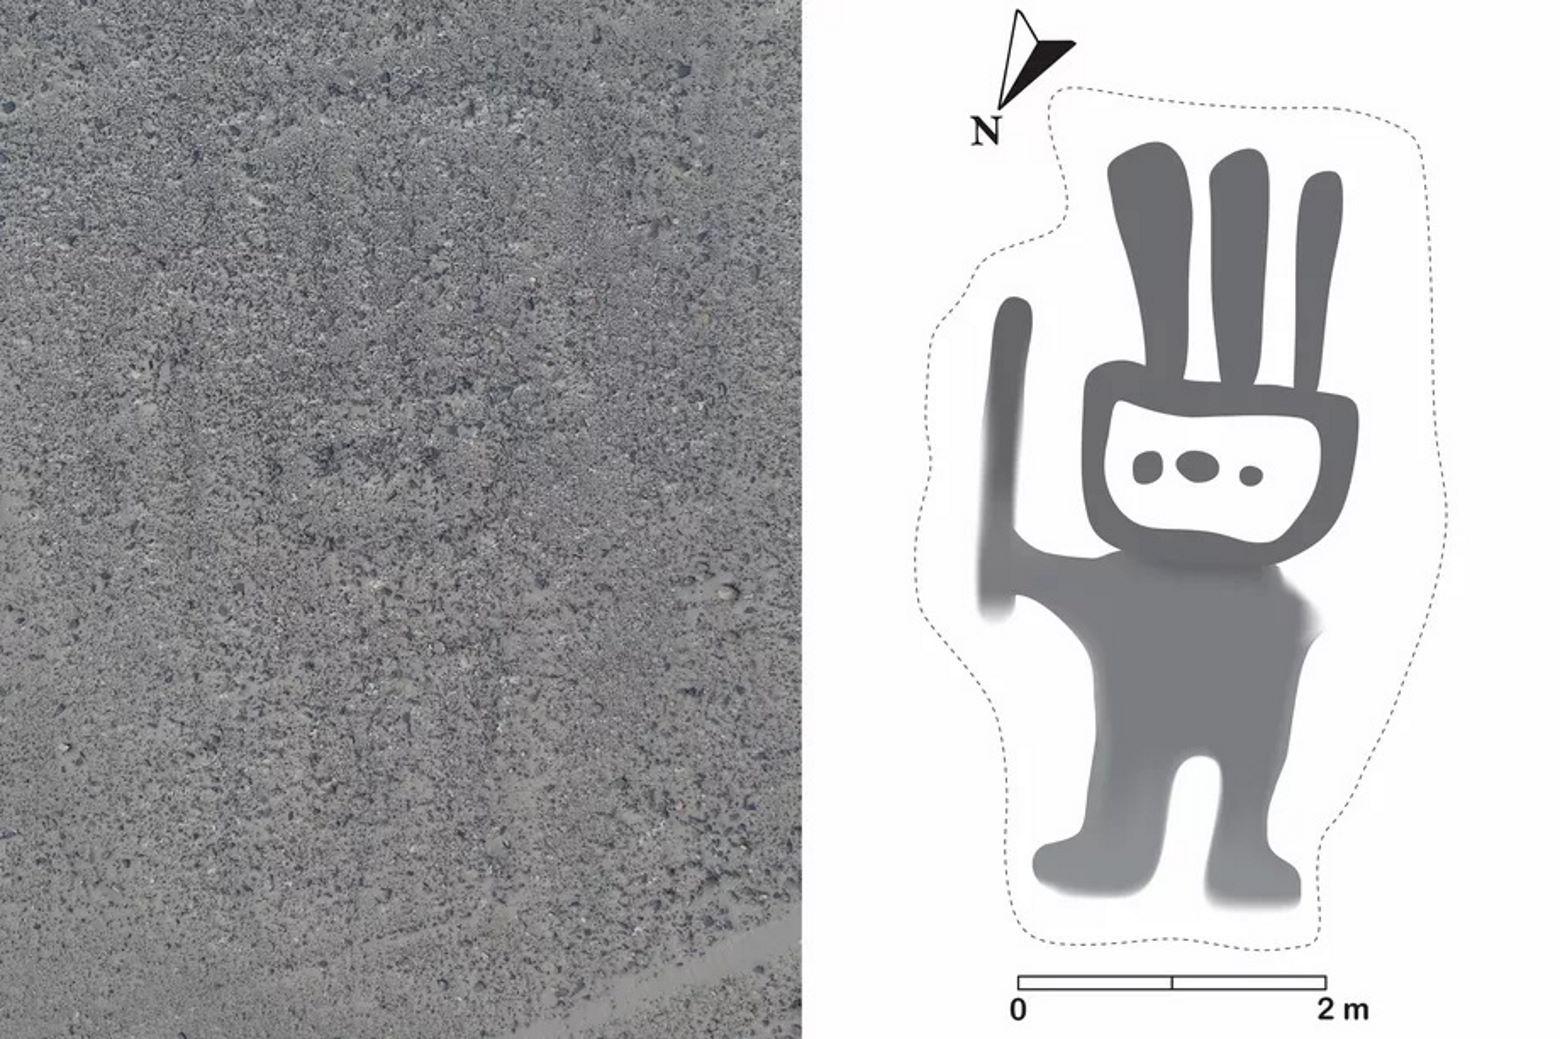 Нейросеть помогла ученым найти геоглиф перуанских индейцев - 1